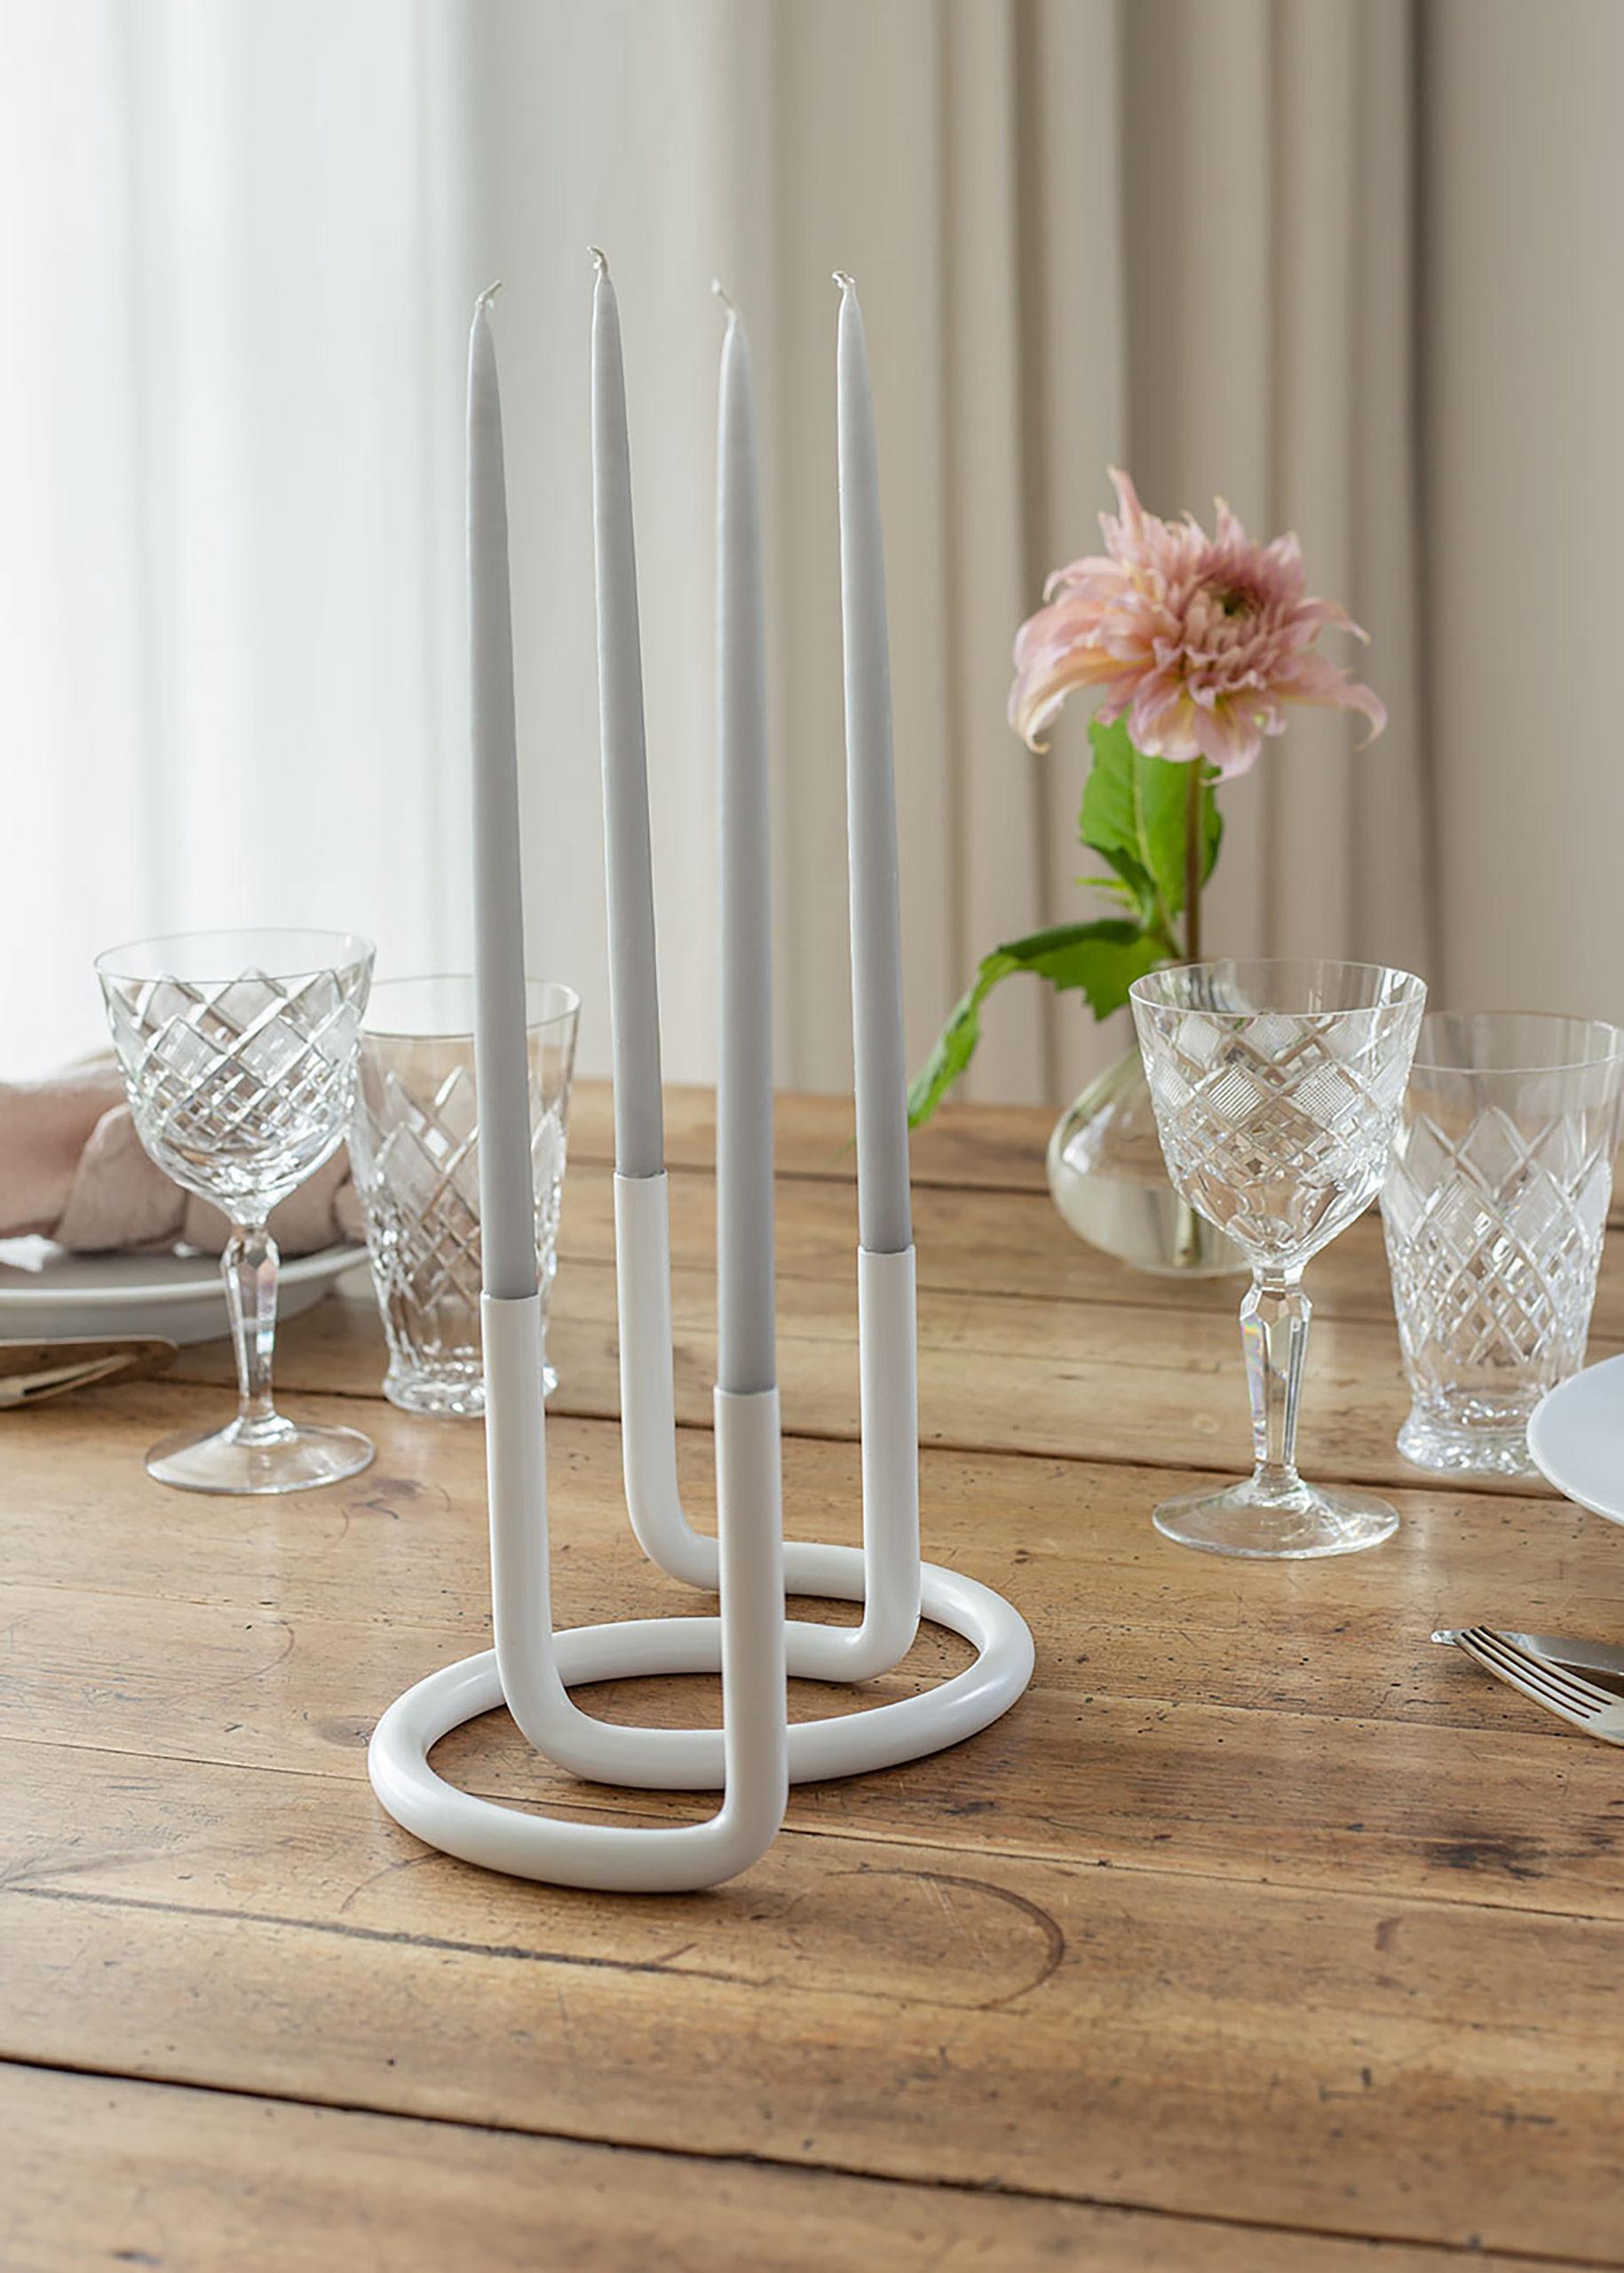 Architectmade-Gemini-Candleholder-Stainless-Steel-Denmark-Peter-Karpf-1